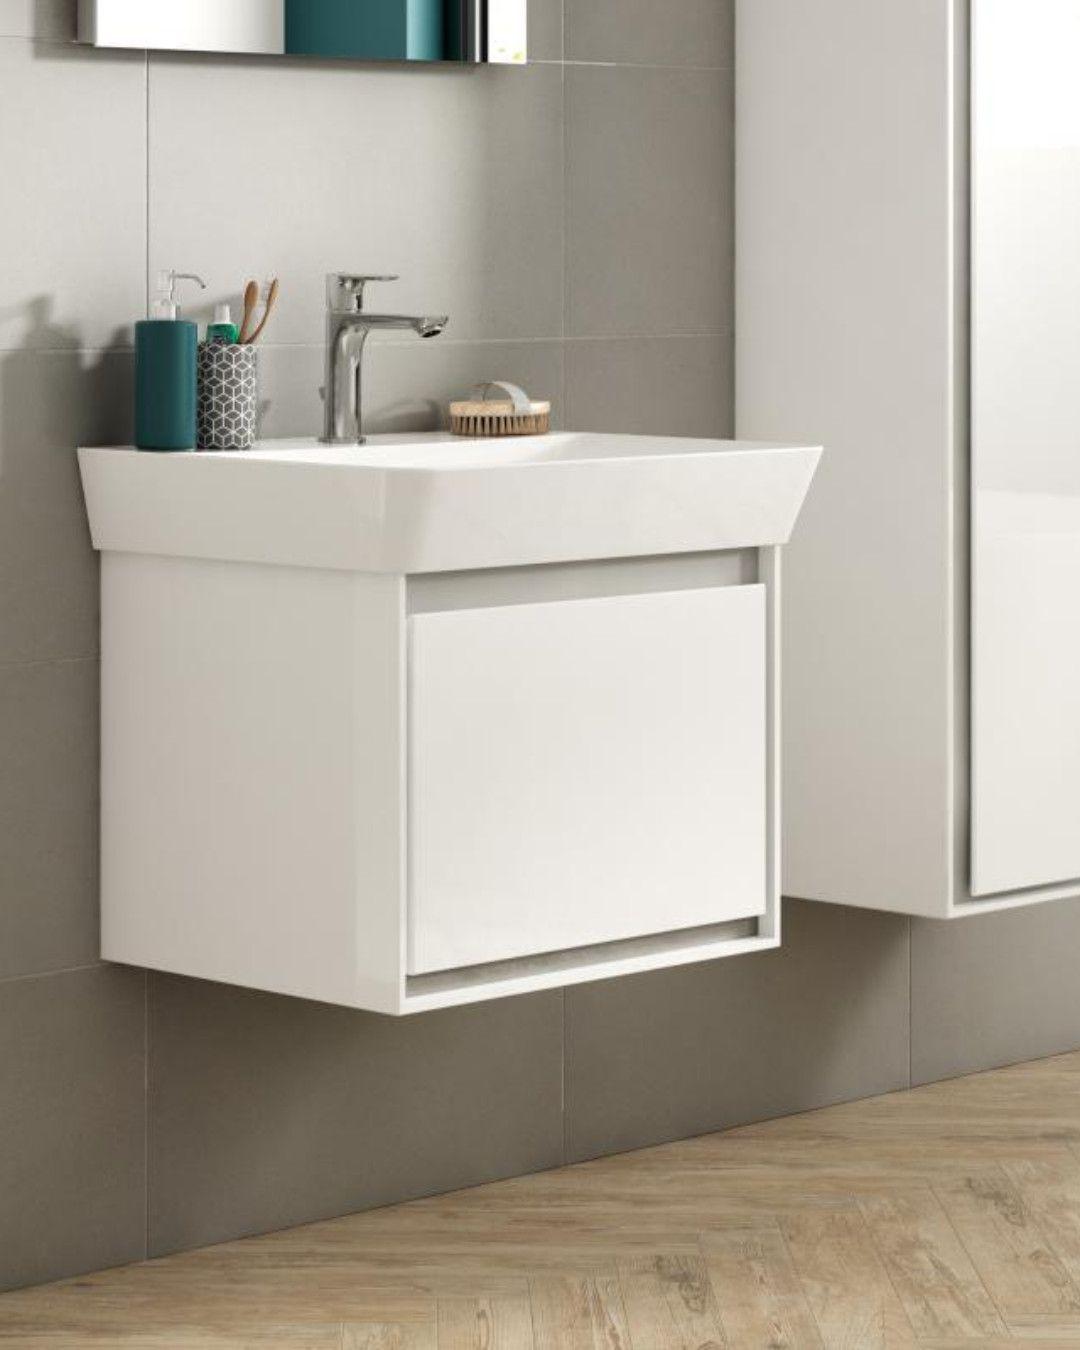 Ideal Standard Connect Air Waschtisch Mit Waschtischunterschrank Mit 1 Auszug Weiss E029901 E0844b2 Waschtischunterschrank Waschtisch Ideal Standard